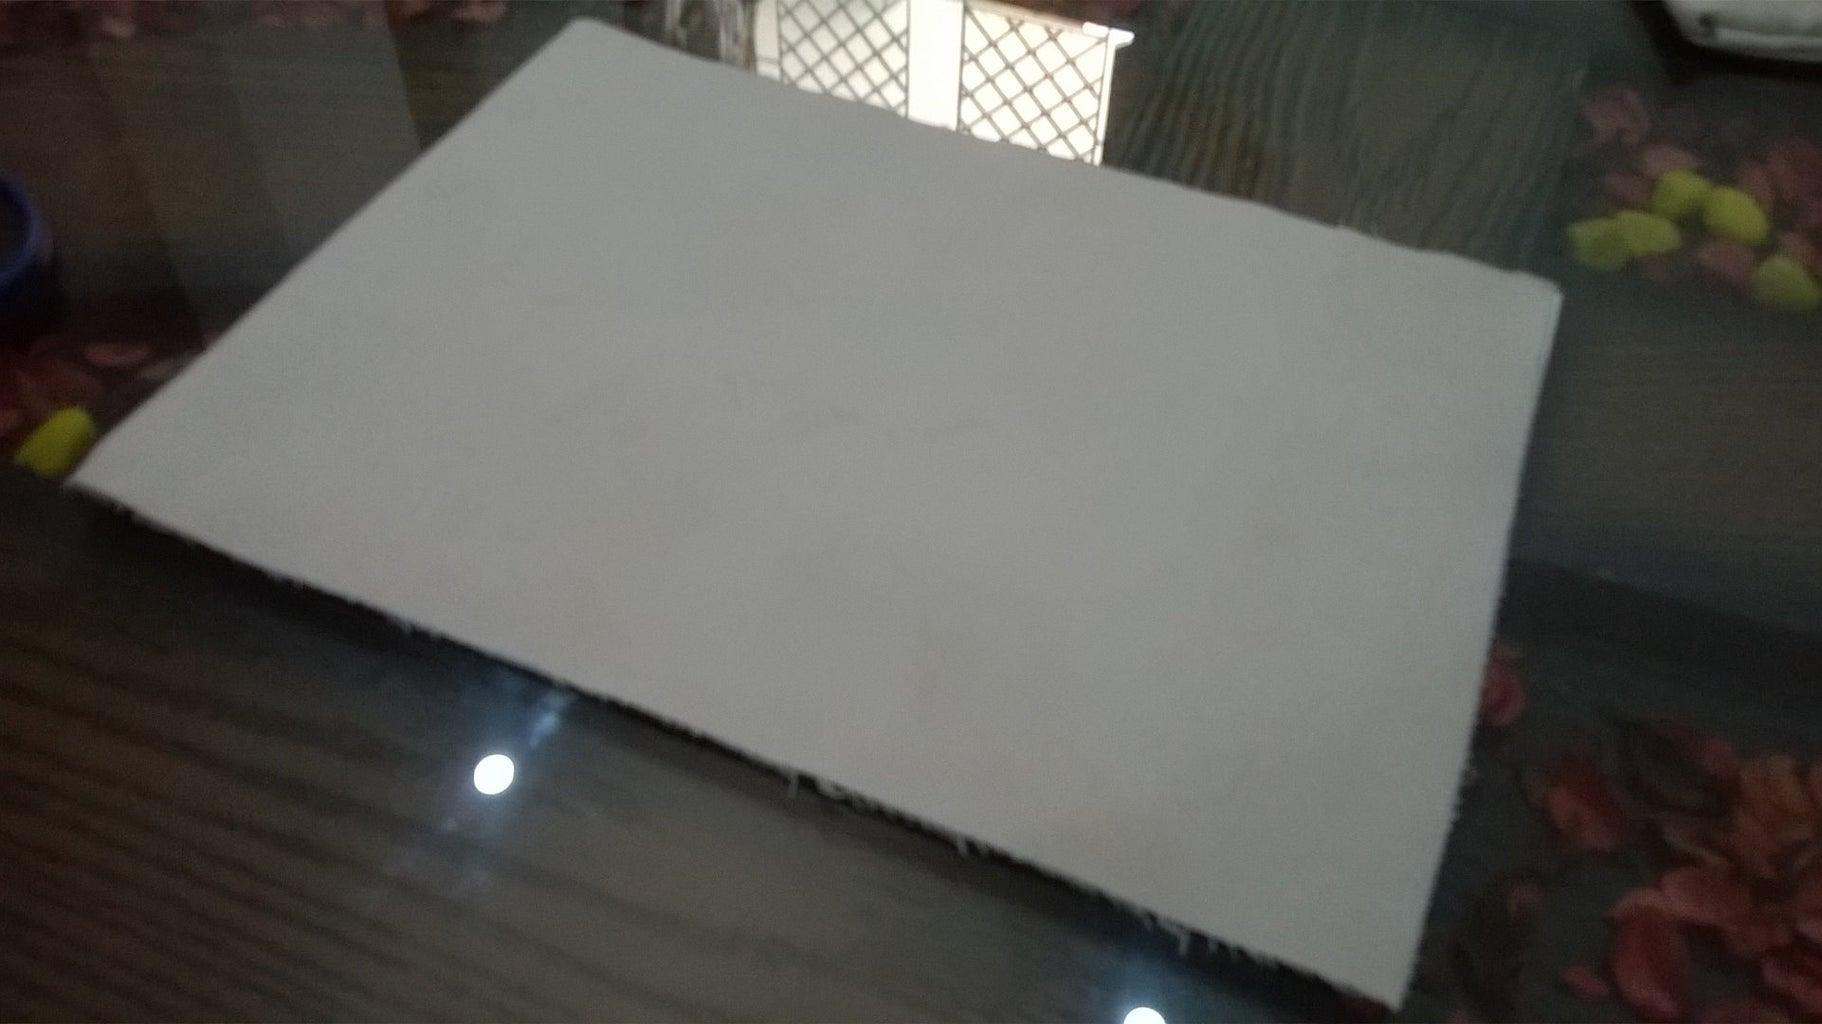 Preparing Paper for Printing